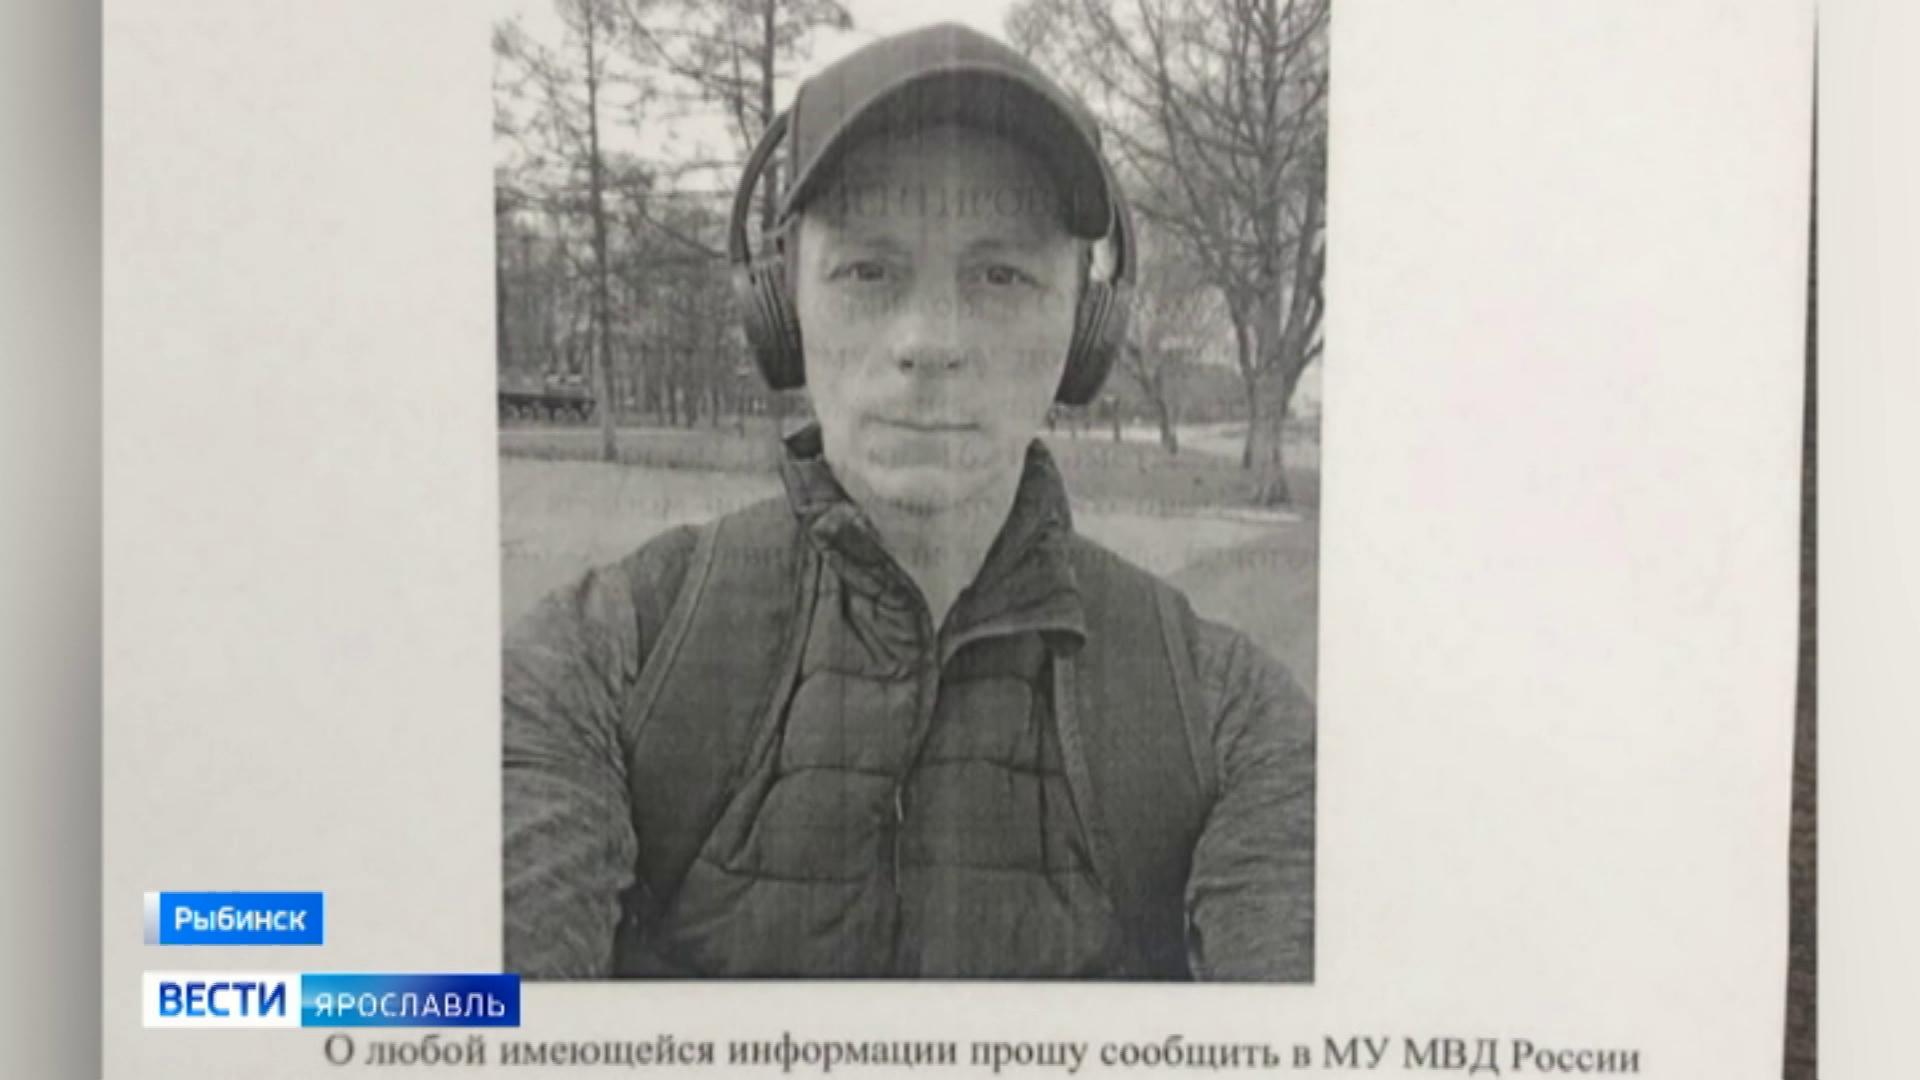 Подробности о жестоком убийстве двух несовершеннолетних девочек в Рыбинске